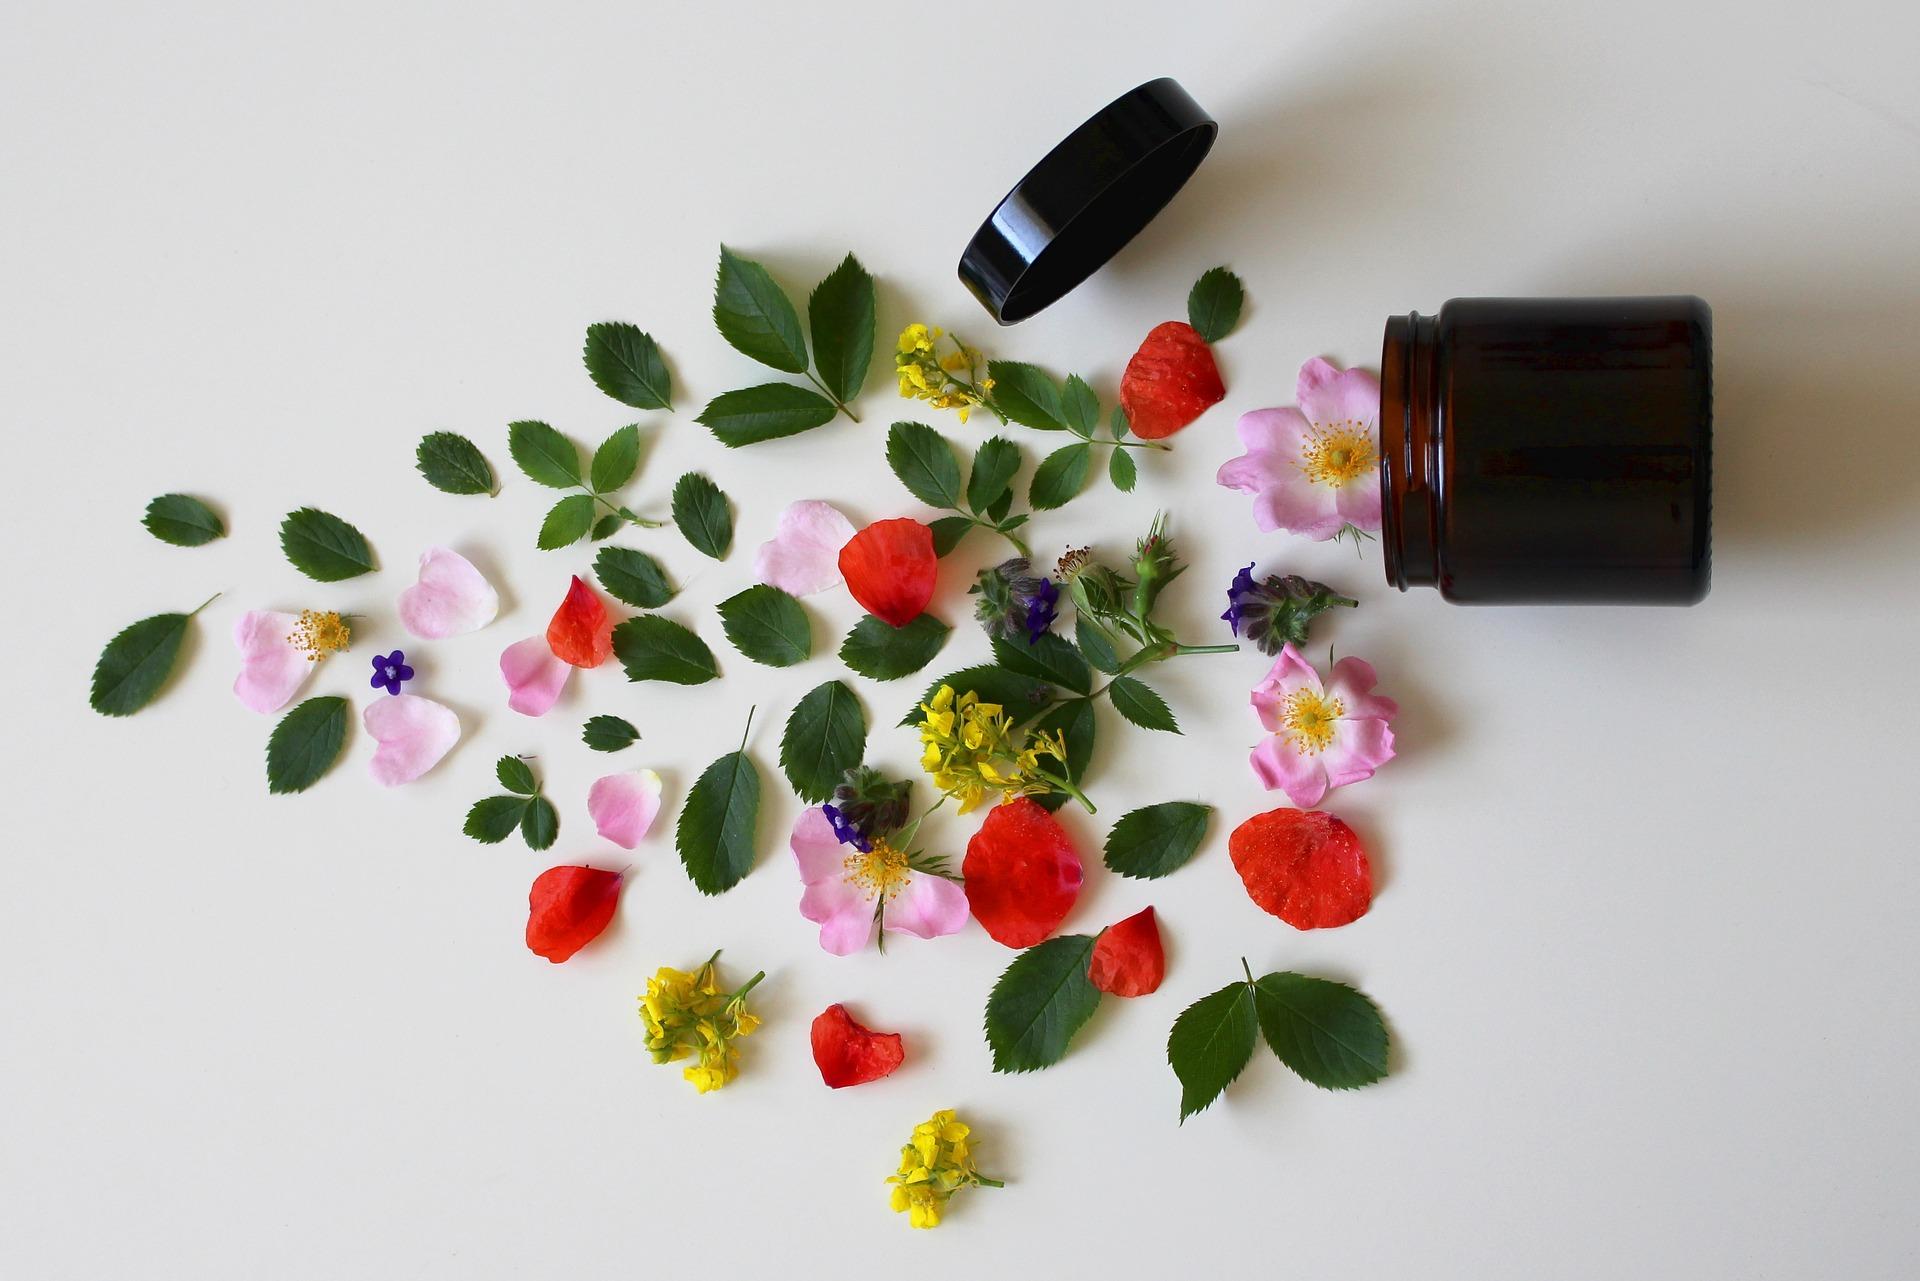 natural cosmetics 3397277 1920 - Activités et stages - OCA Bonneville